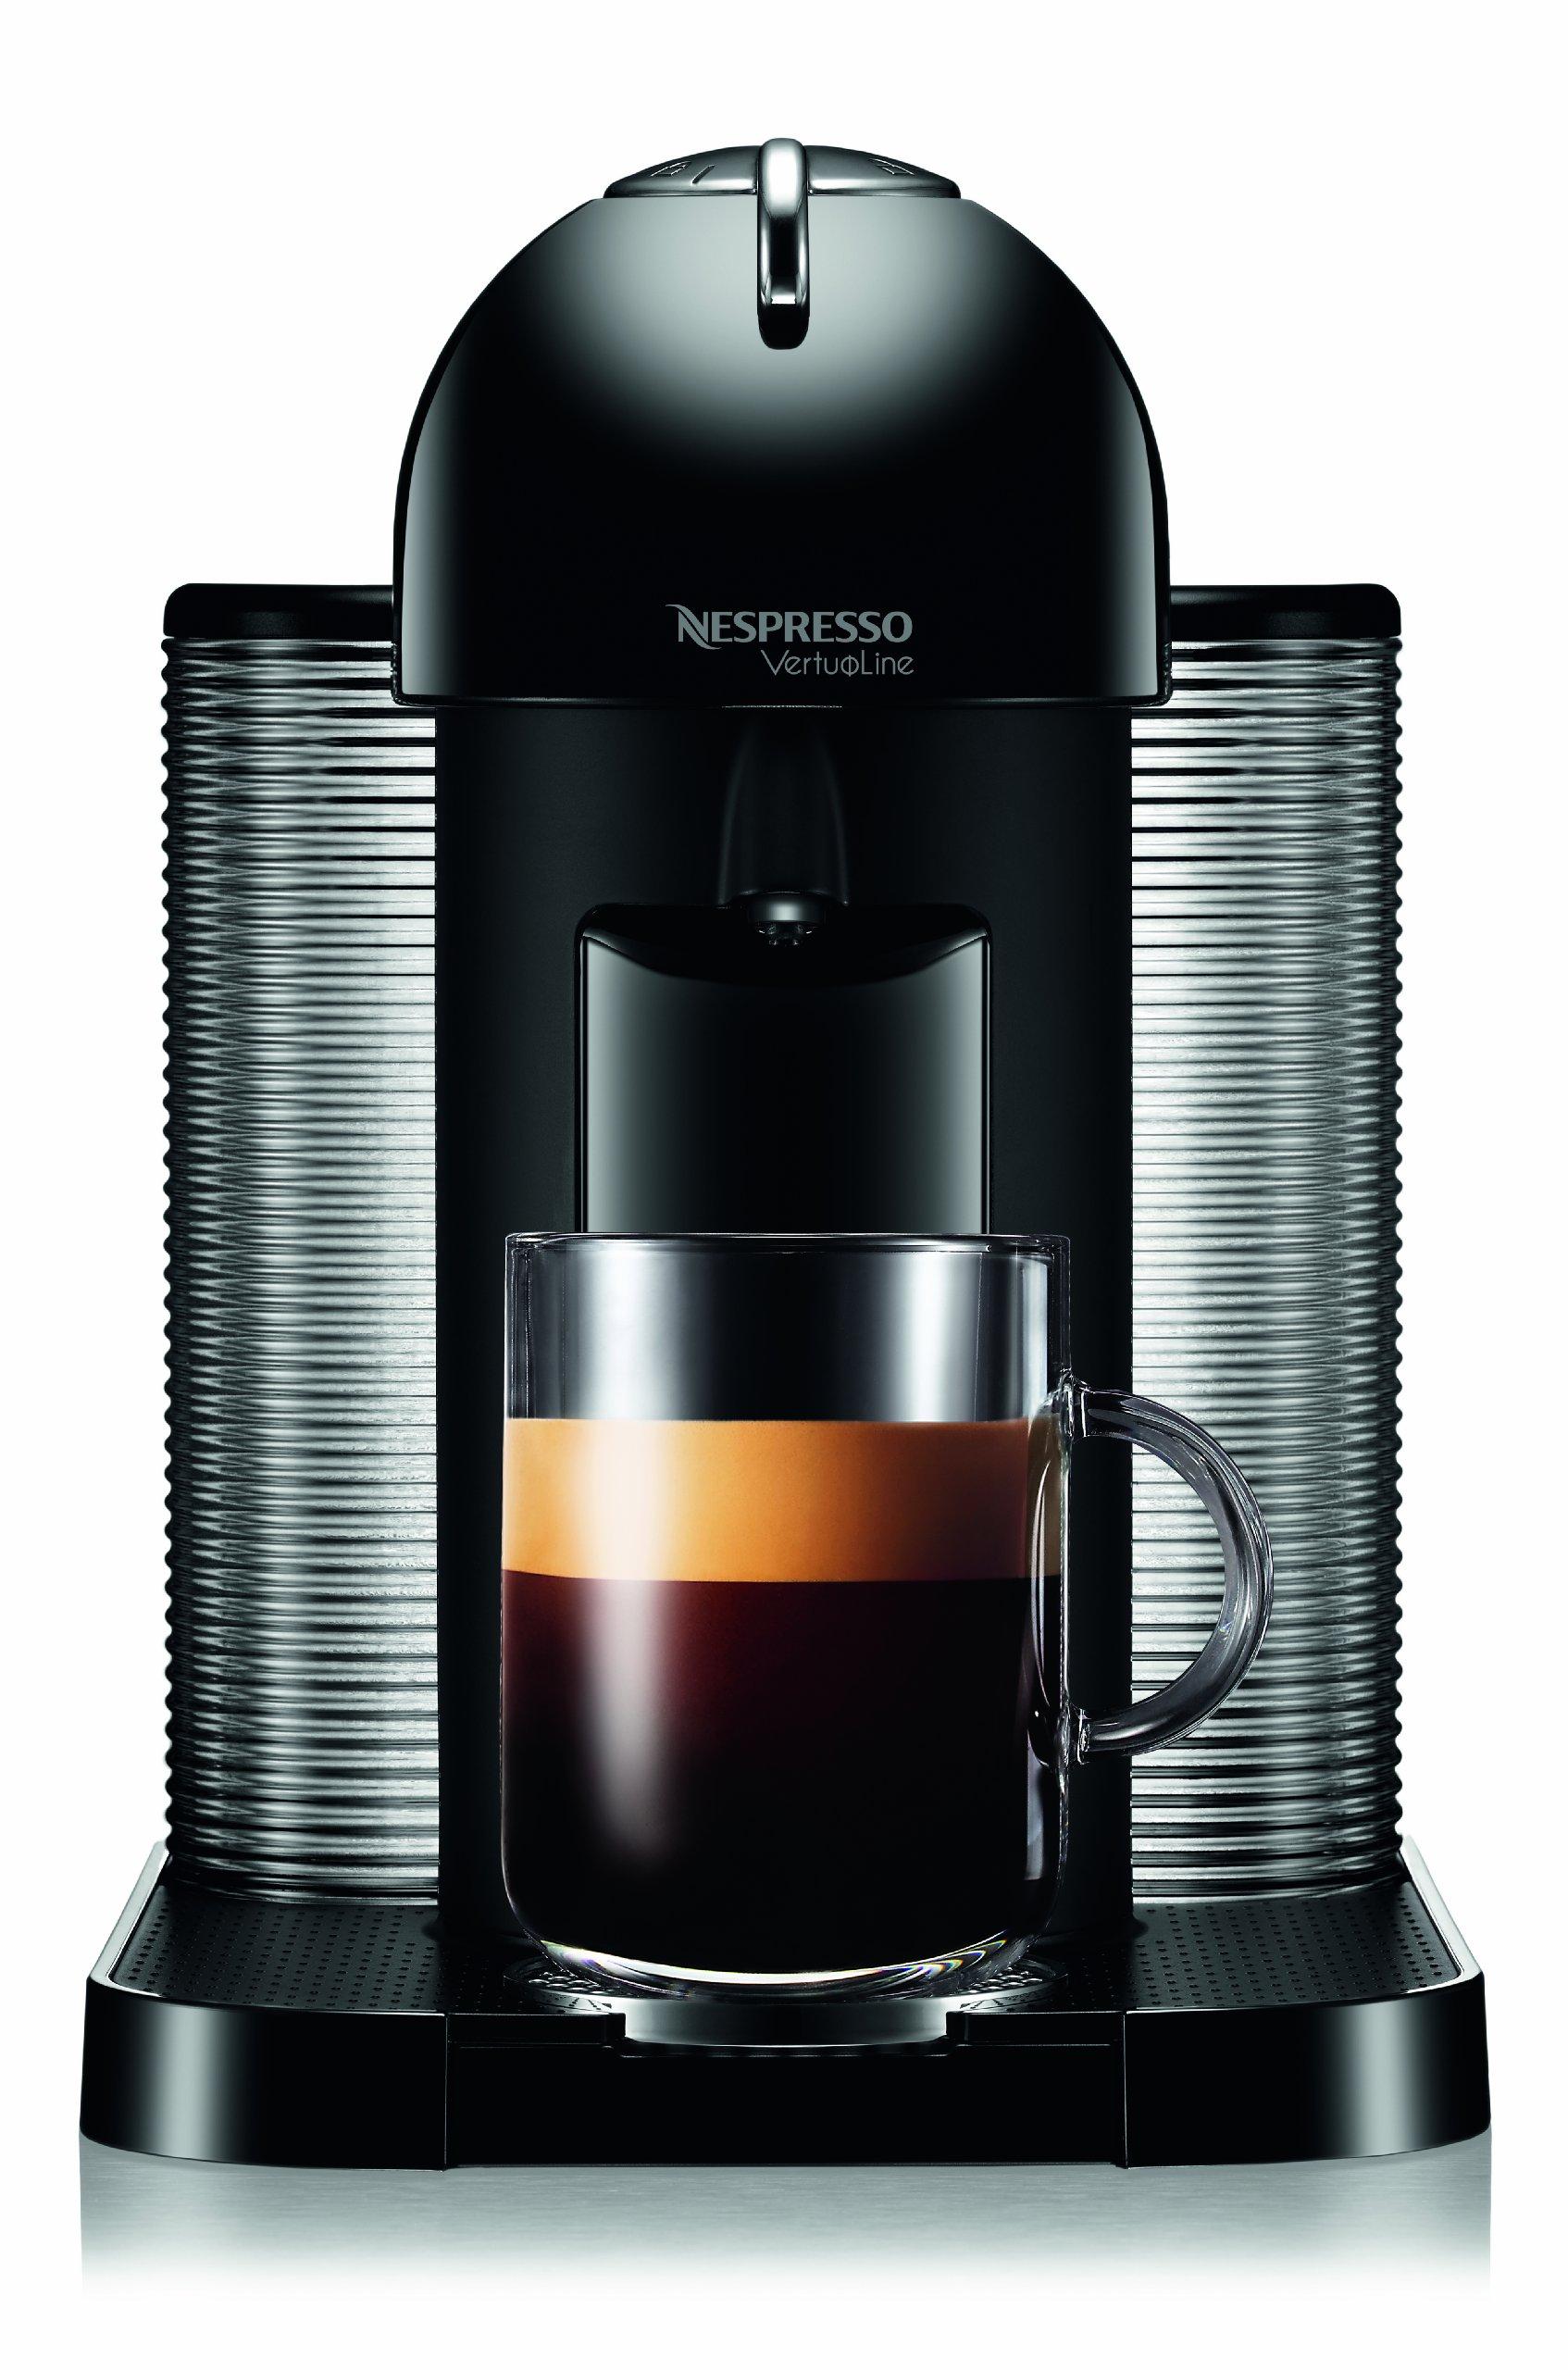 Galleon - Nespresso VertuoLine Coffee And Espresso Maker With Aeroccino Plus Milk Frother, Black